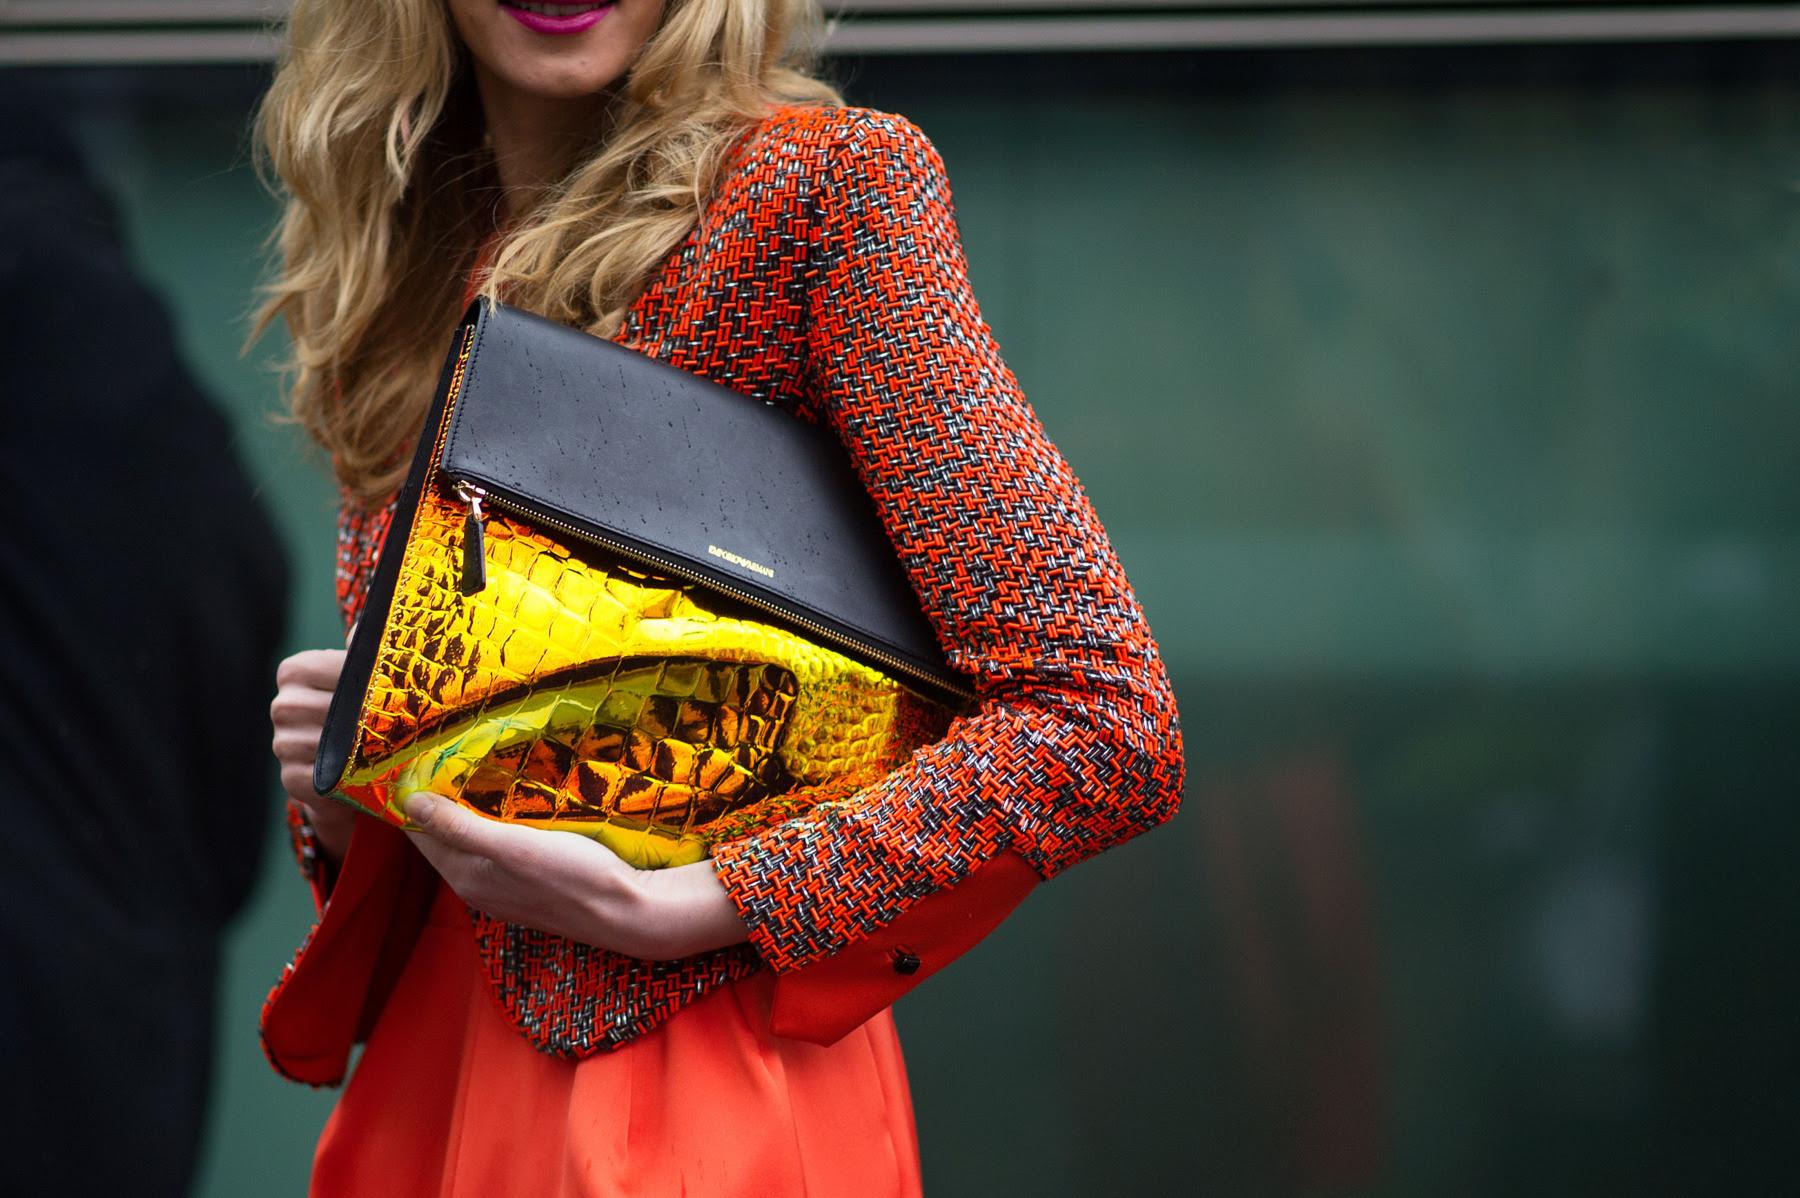 http://pixel.nymag.com/imgs/fashion/slideshows/2013/02/koo-milan/_KOO8315.o.jpg/a_4.5x.jpg